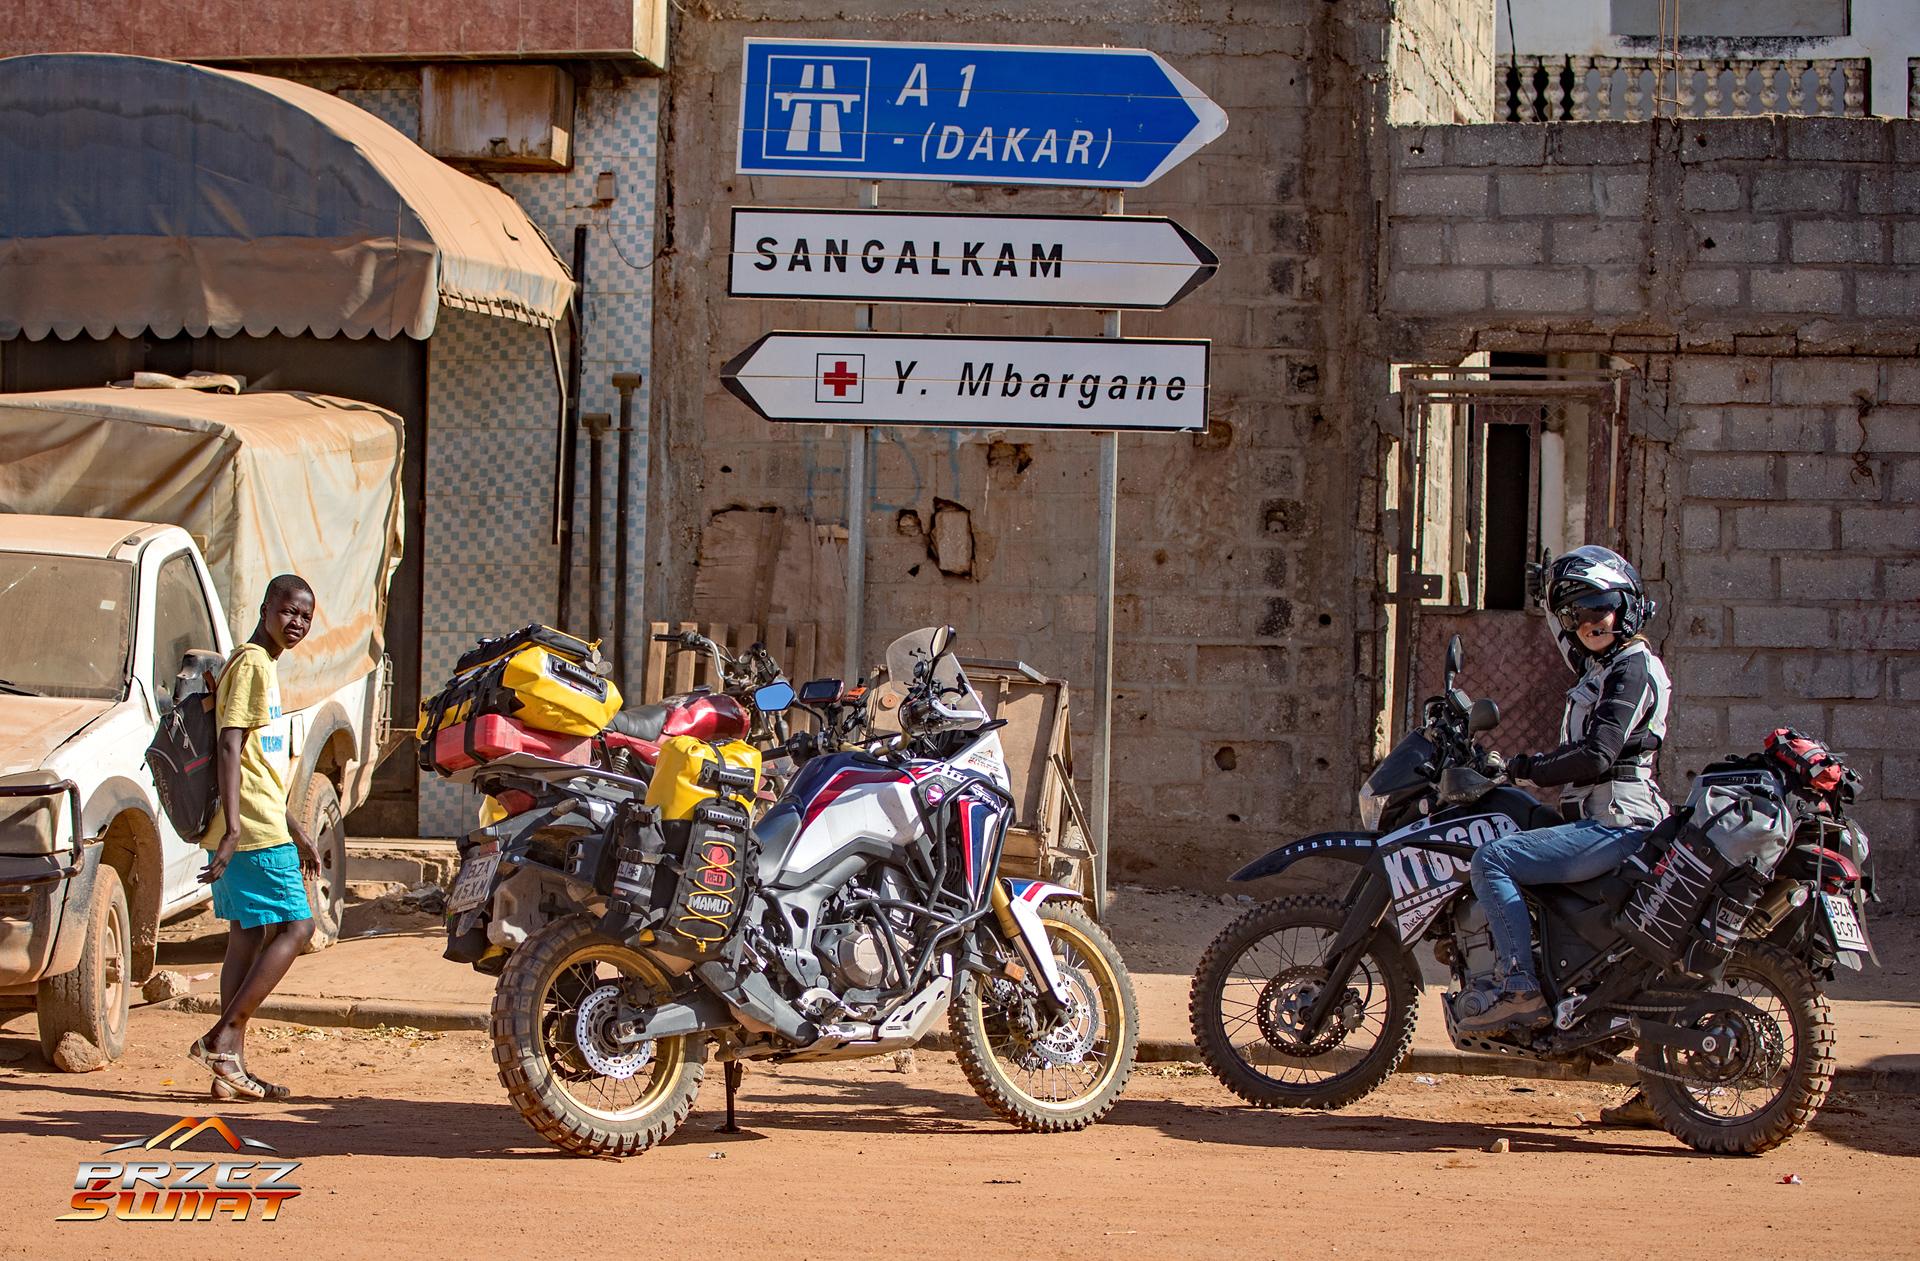 Sakwy motocyklowe 5 seconds